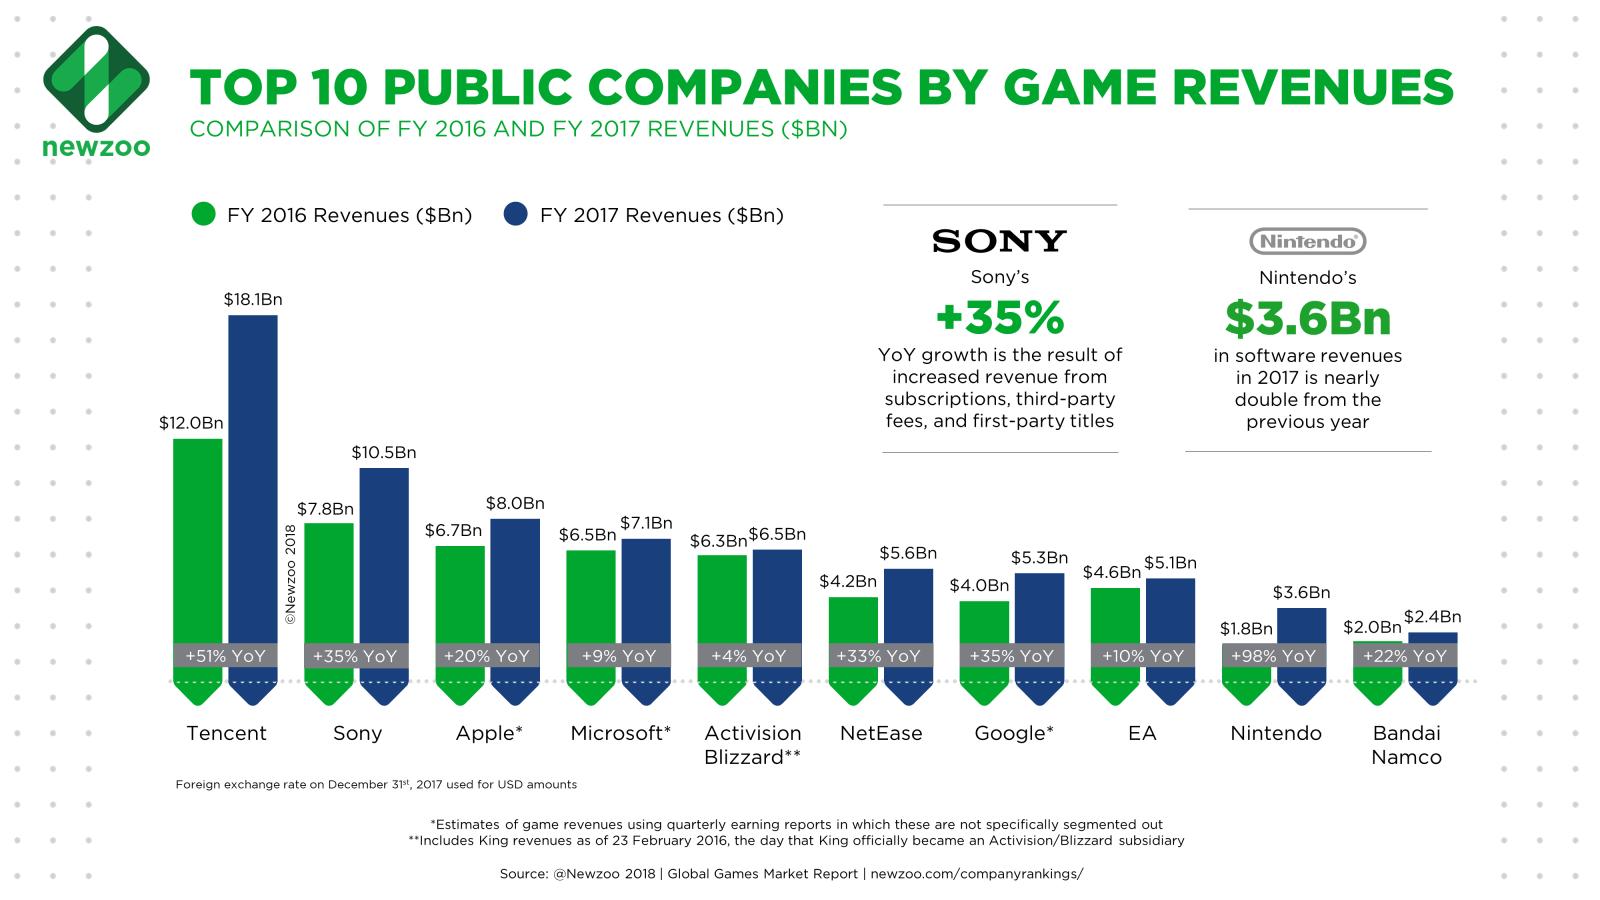 Tencent Aktie - Statistik zu den 10 grössten Unternehmen nach Spiele Einnahmen